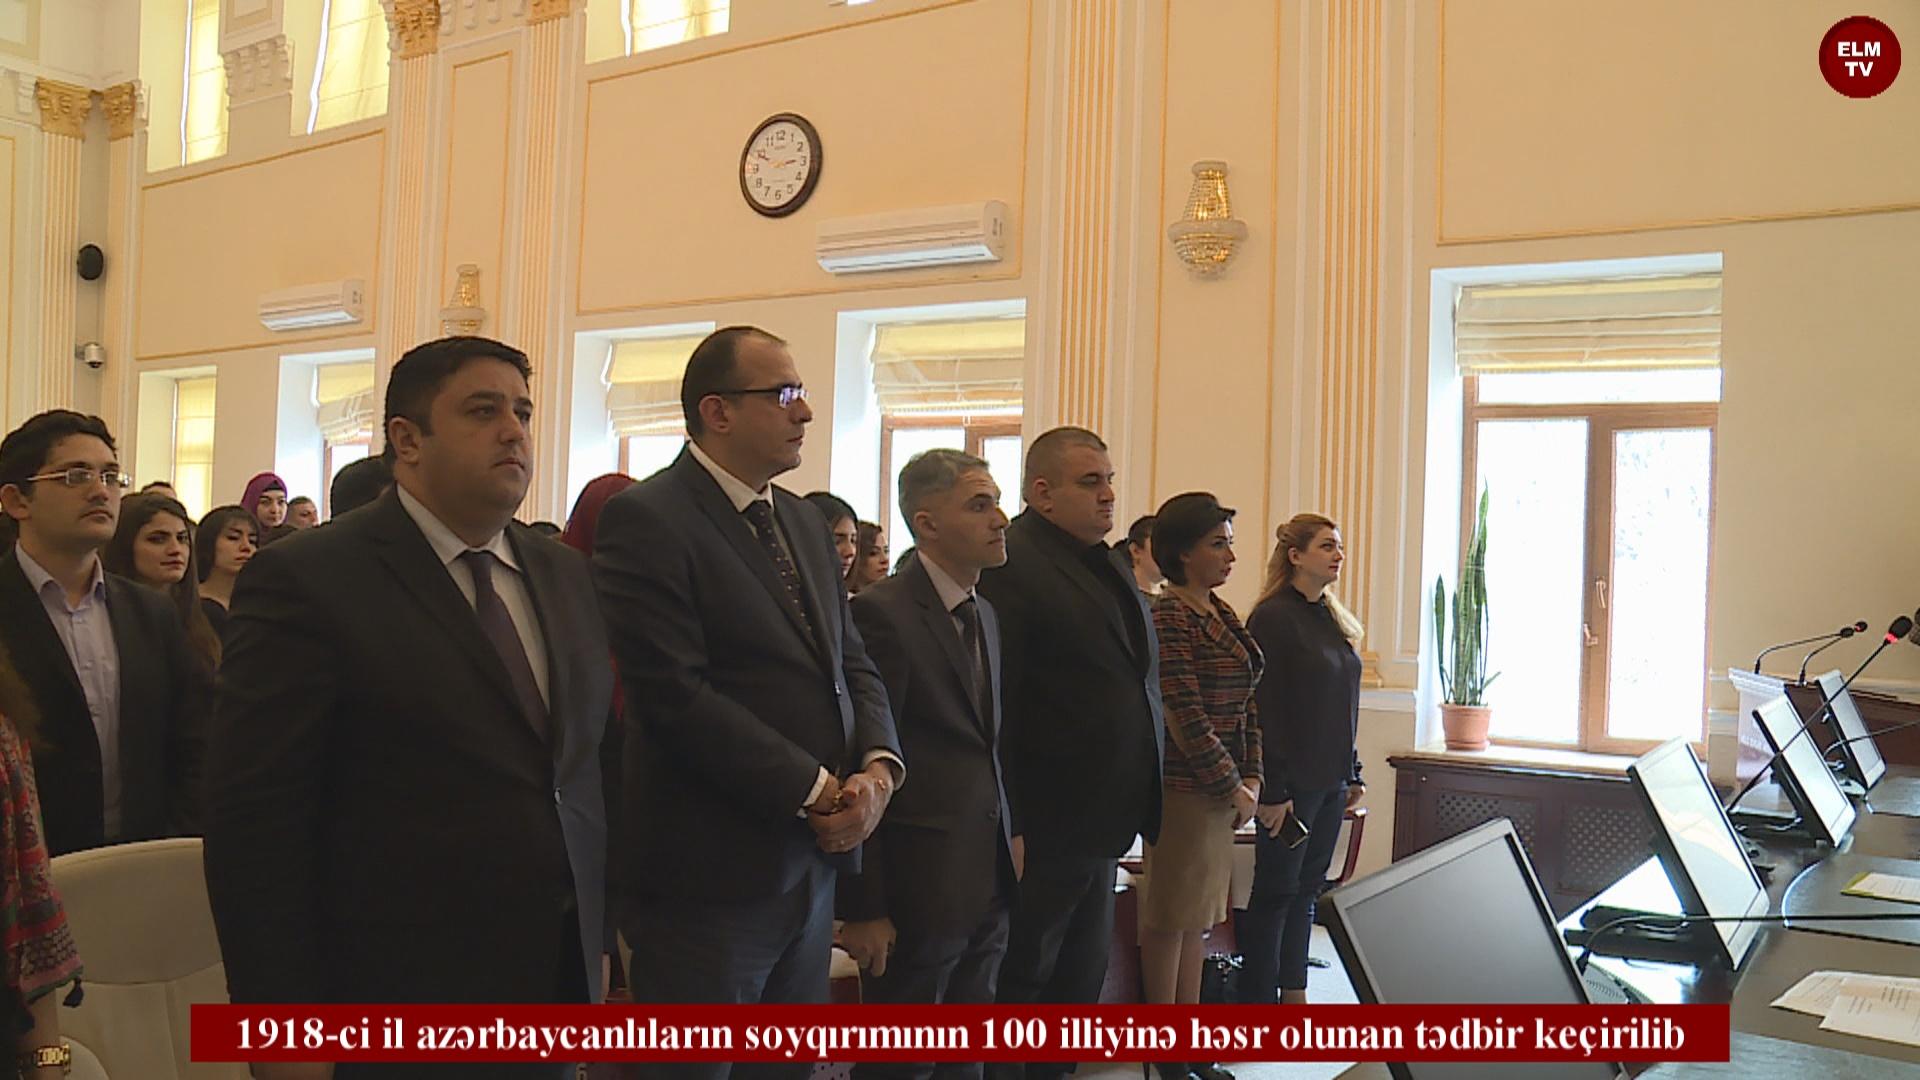 1918-ci il azərbaycanlıların soyqırımının 100 illiyinə həsr olunan tədbir keçirilib